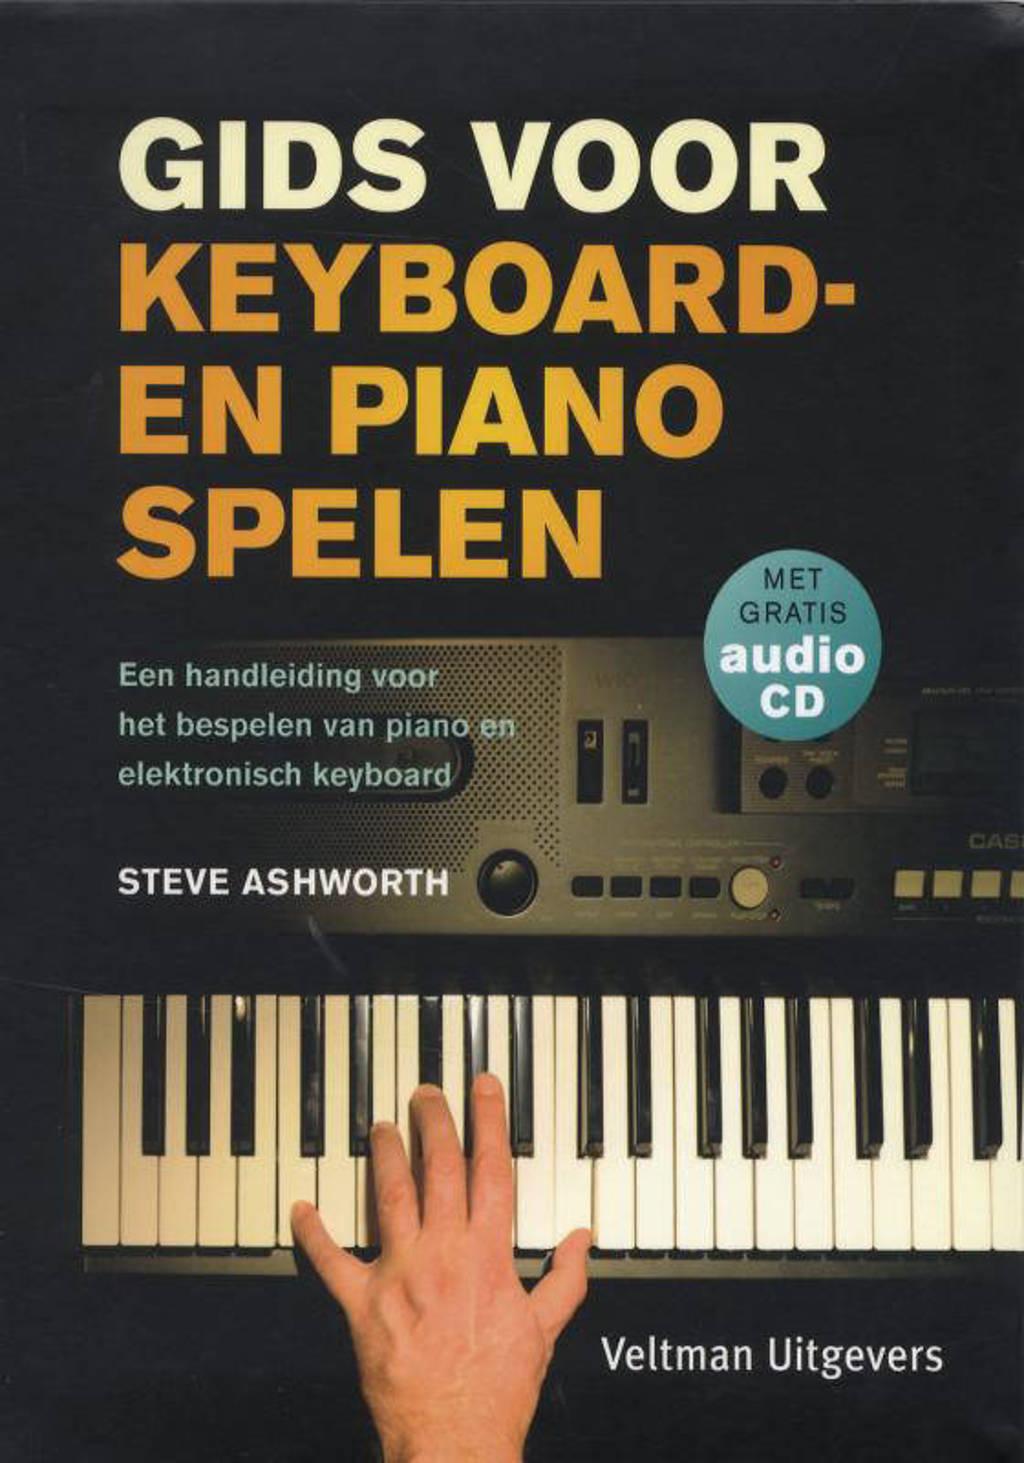 Gids voor keyboard- en pianospelen - Steve Ashworth